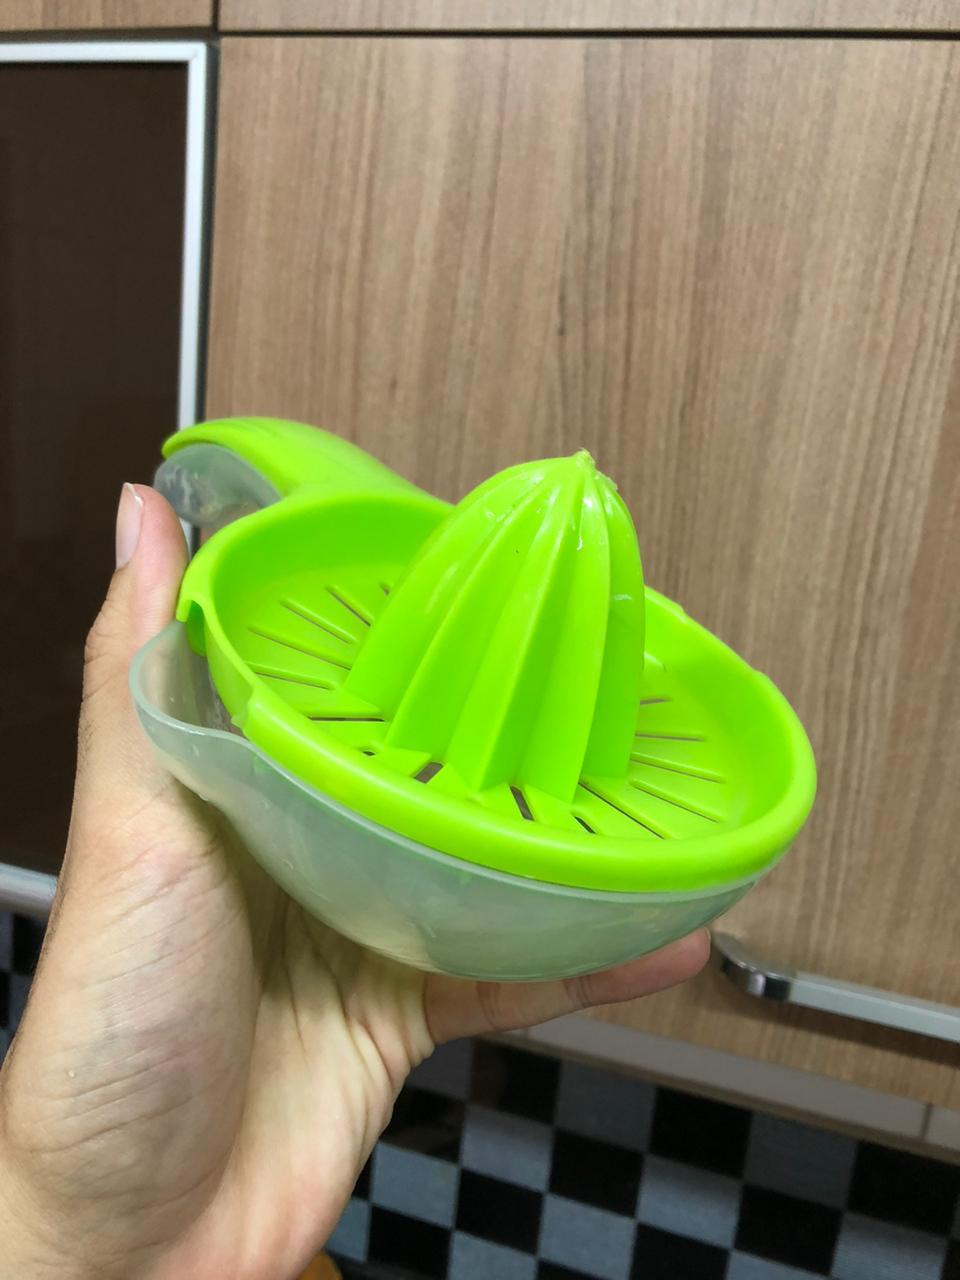 Espremedor de laranja limão manual frutas com base para suco qualidade verde